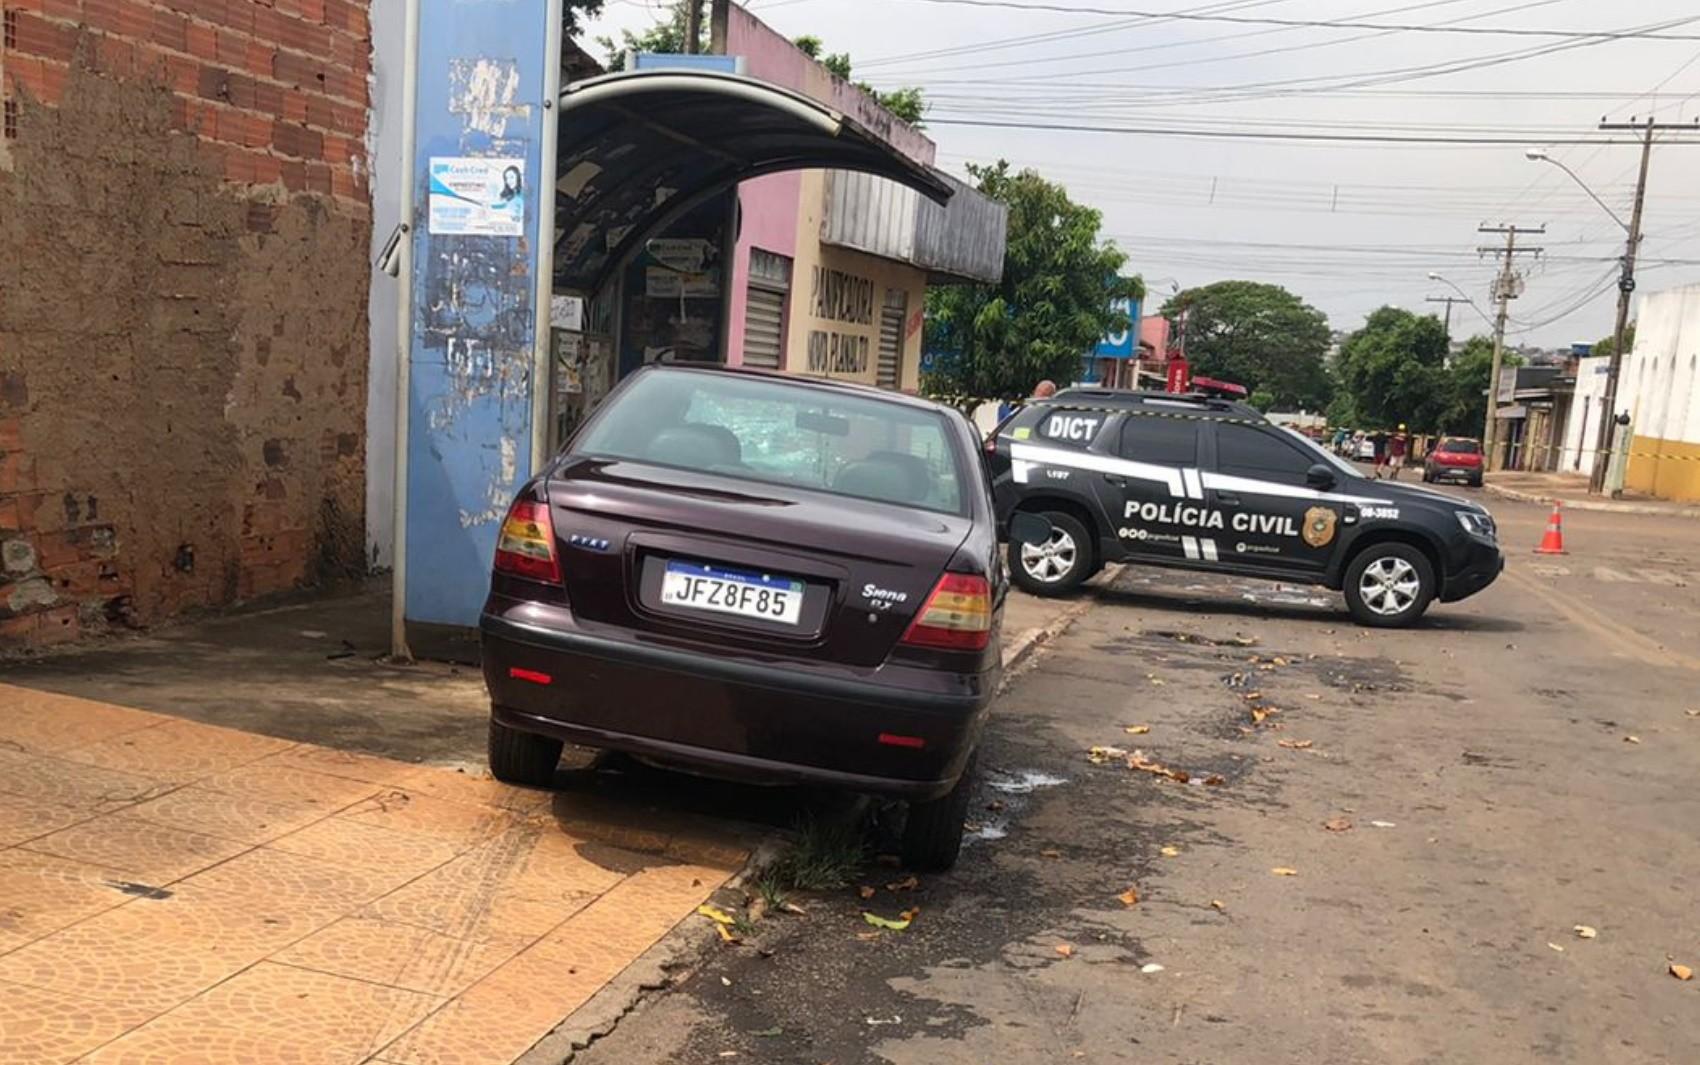 Homem que empurrava bicicleta morre após ser atropelado por idoso que dirigia bêbado em Goiânia, diz polícia